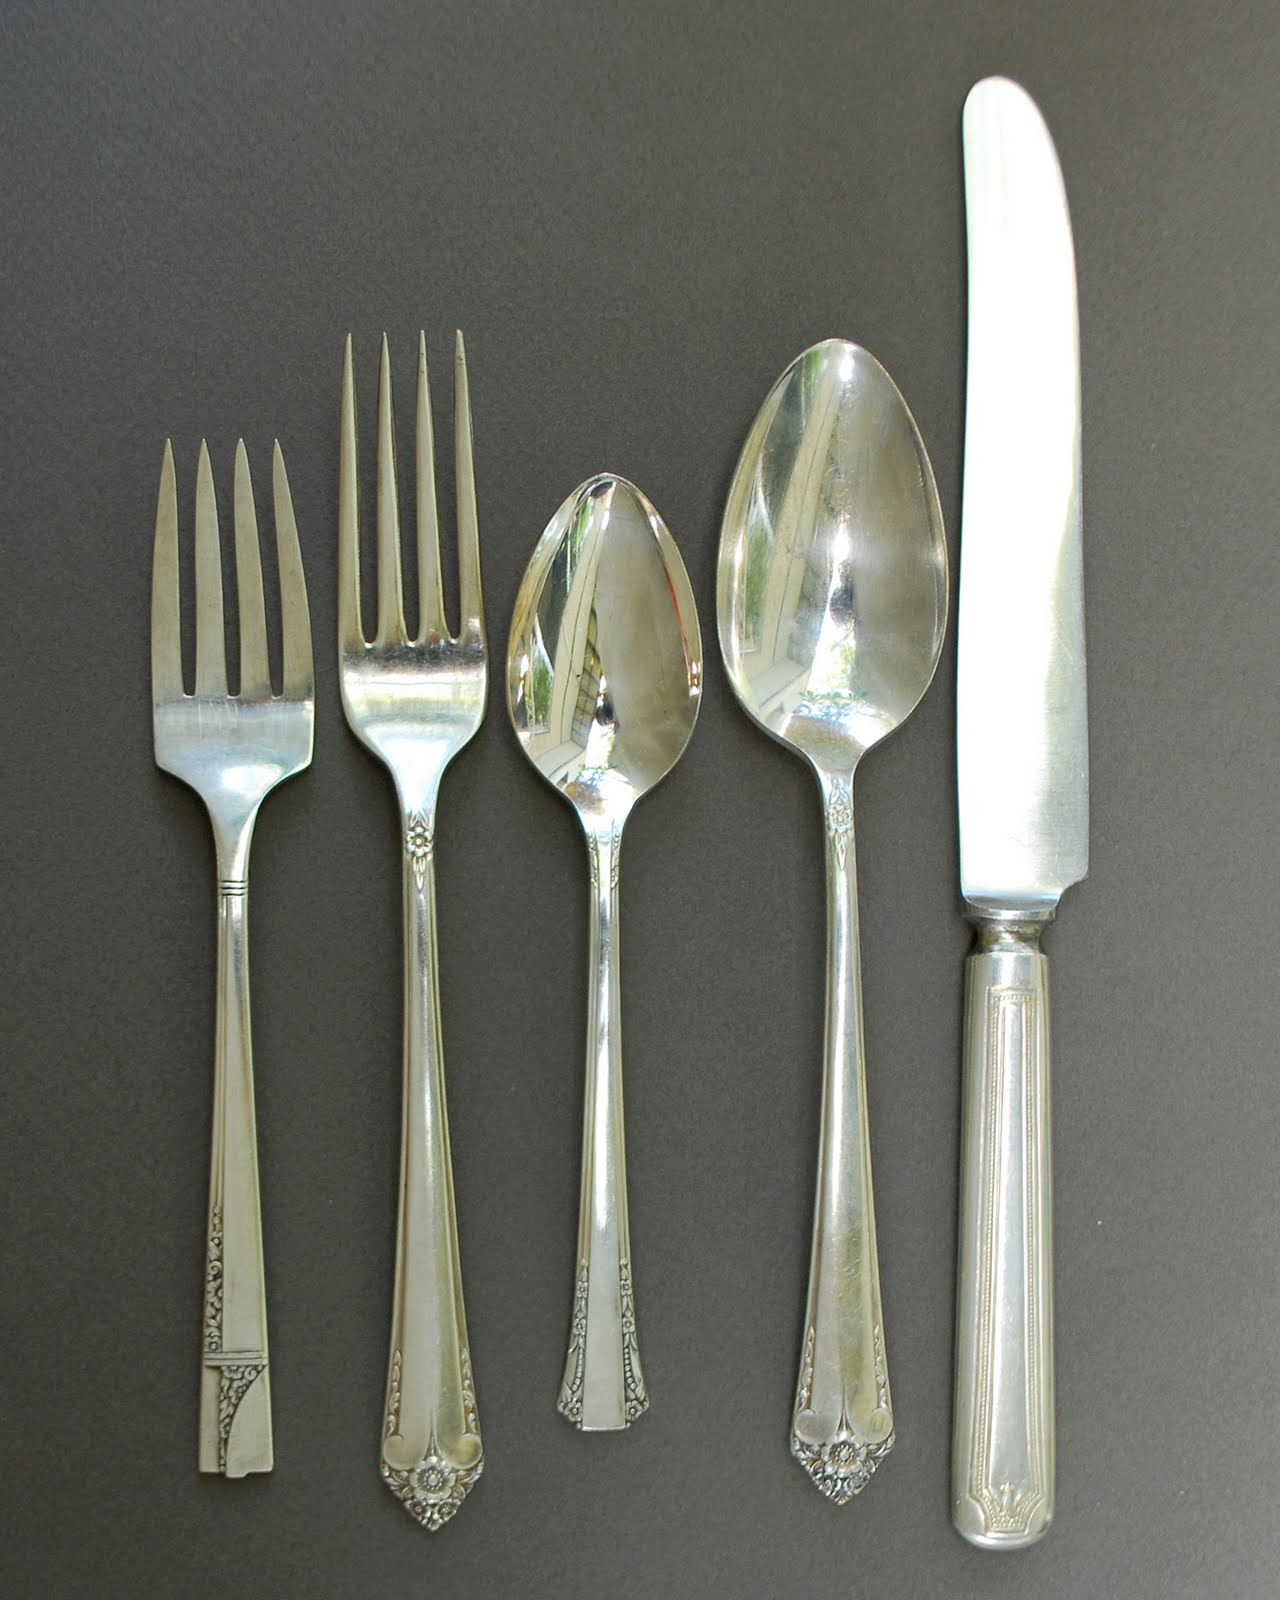 Antiquaria: New this week: Vintage Silverware!